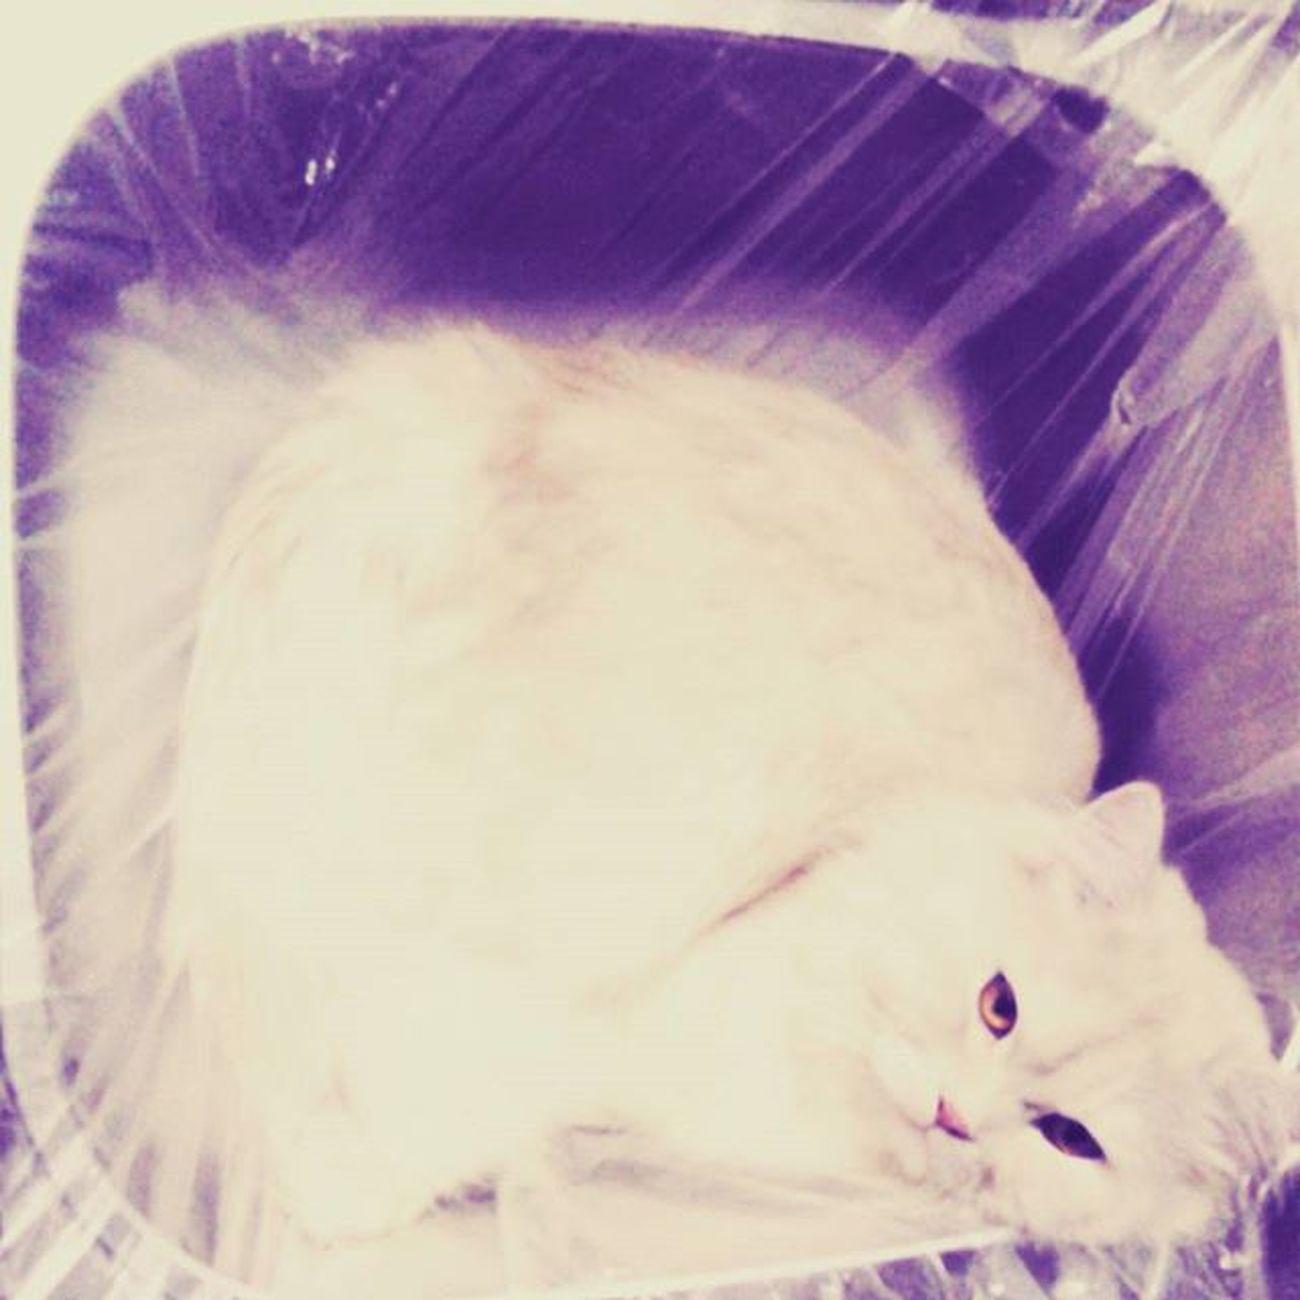 قطتي الكميلات لازم يشوف كل حاجه جديده ويعد جواها حشري اوي